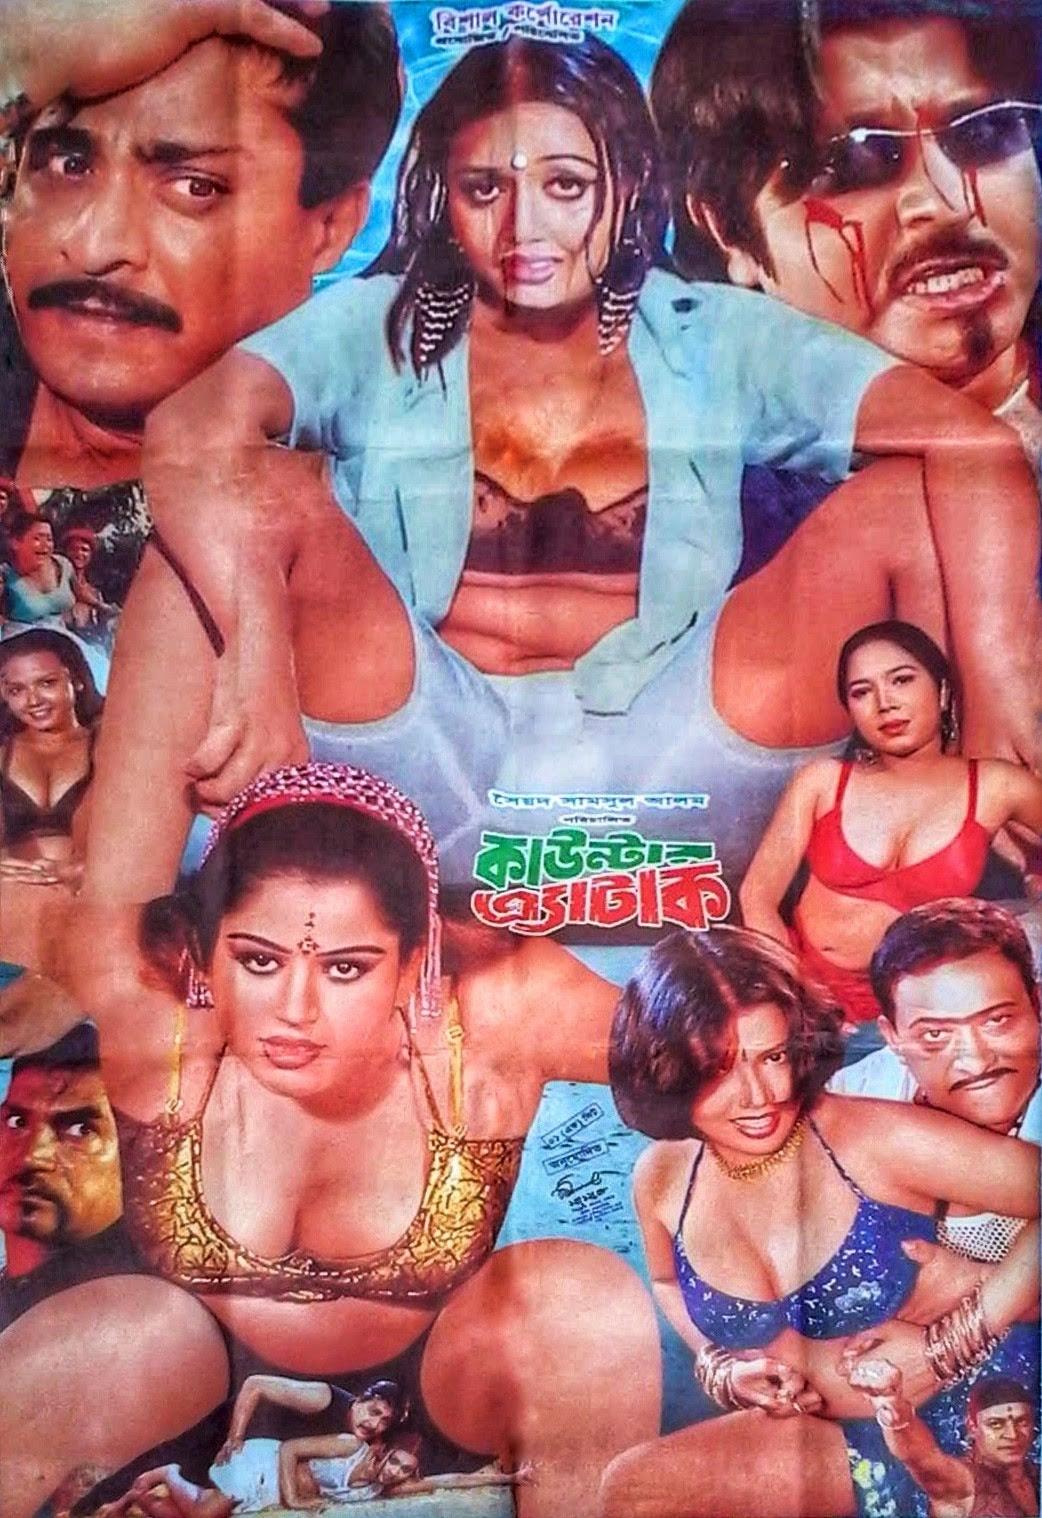 18+ Counter Attack (2021) Bangla Hot Movie 720p HDRip 700MB Download